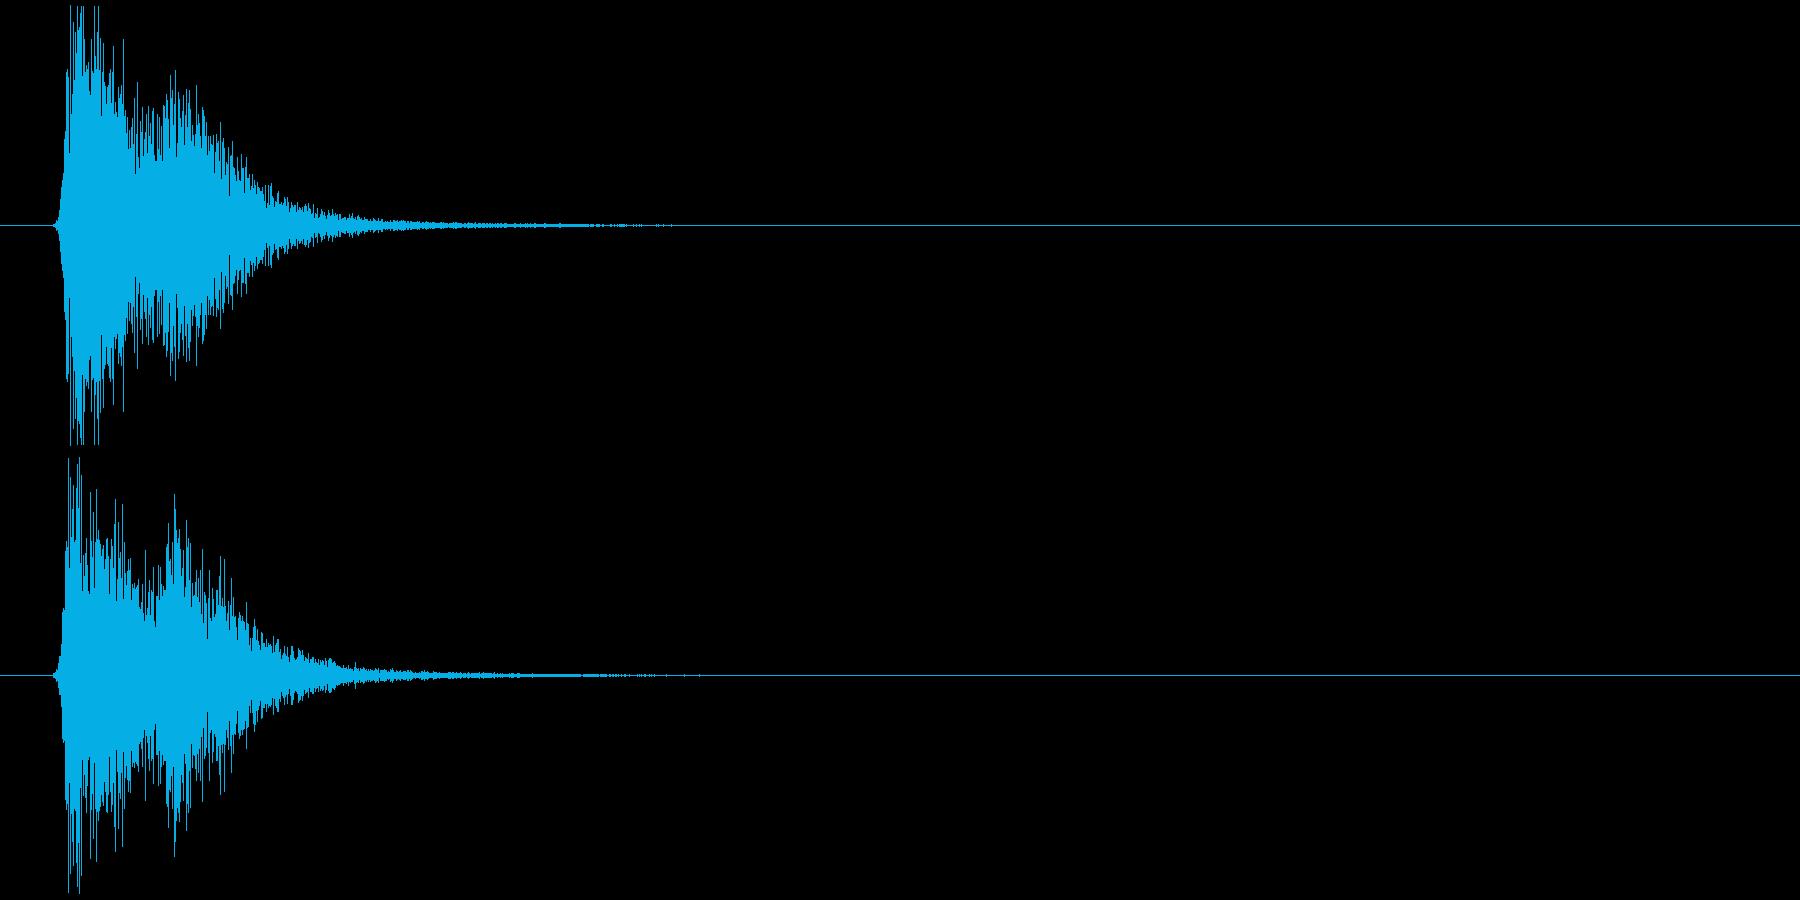 効果音(C)の再生済みの波形